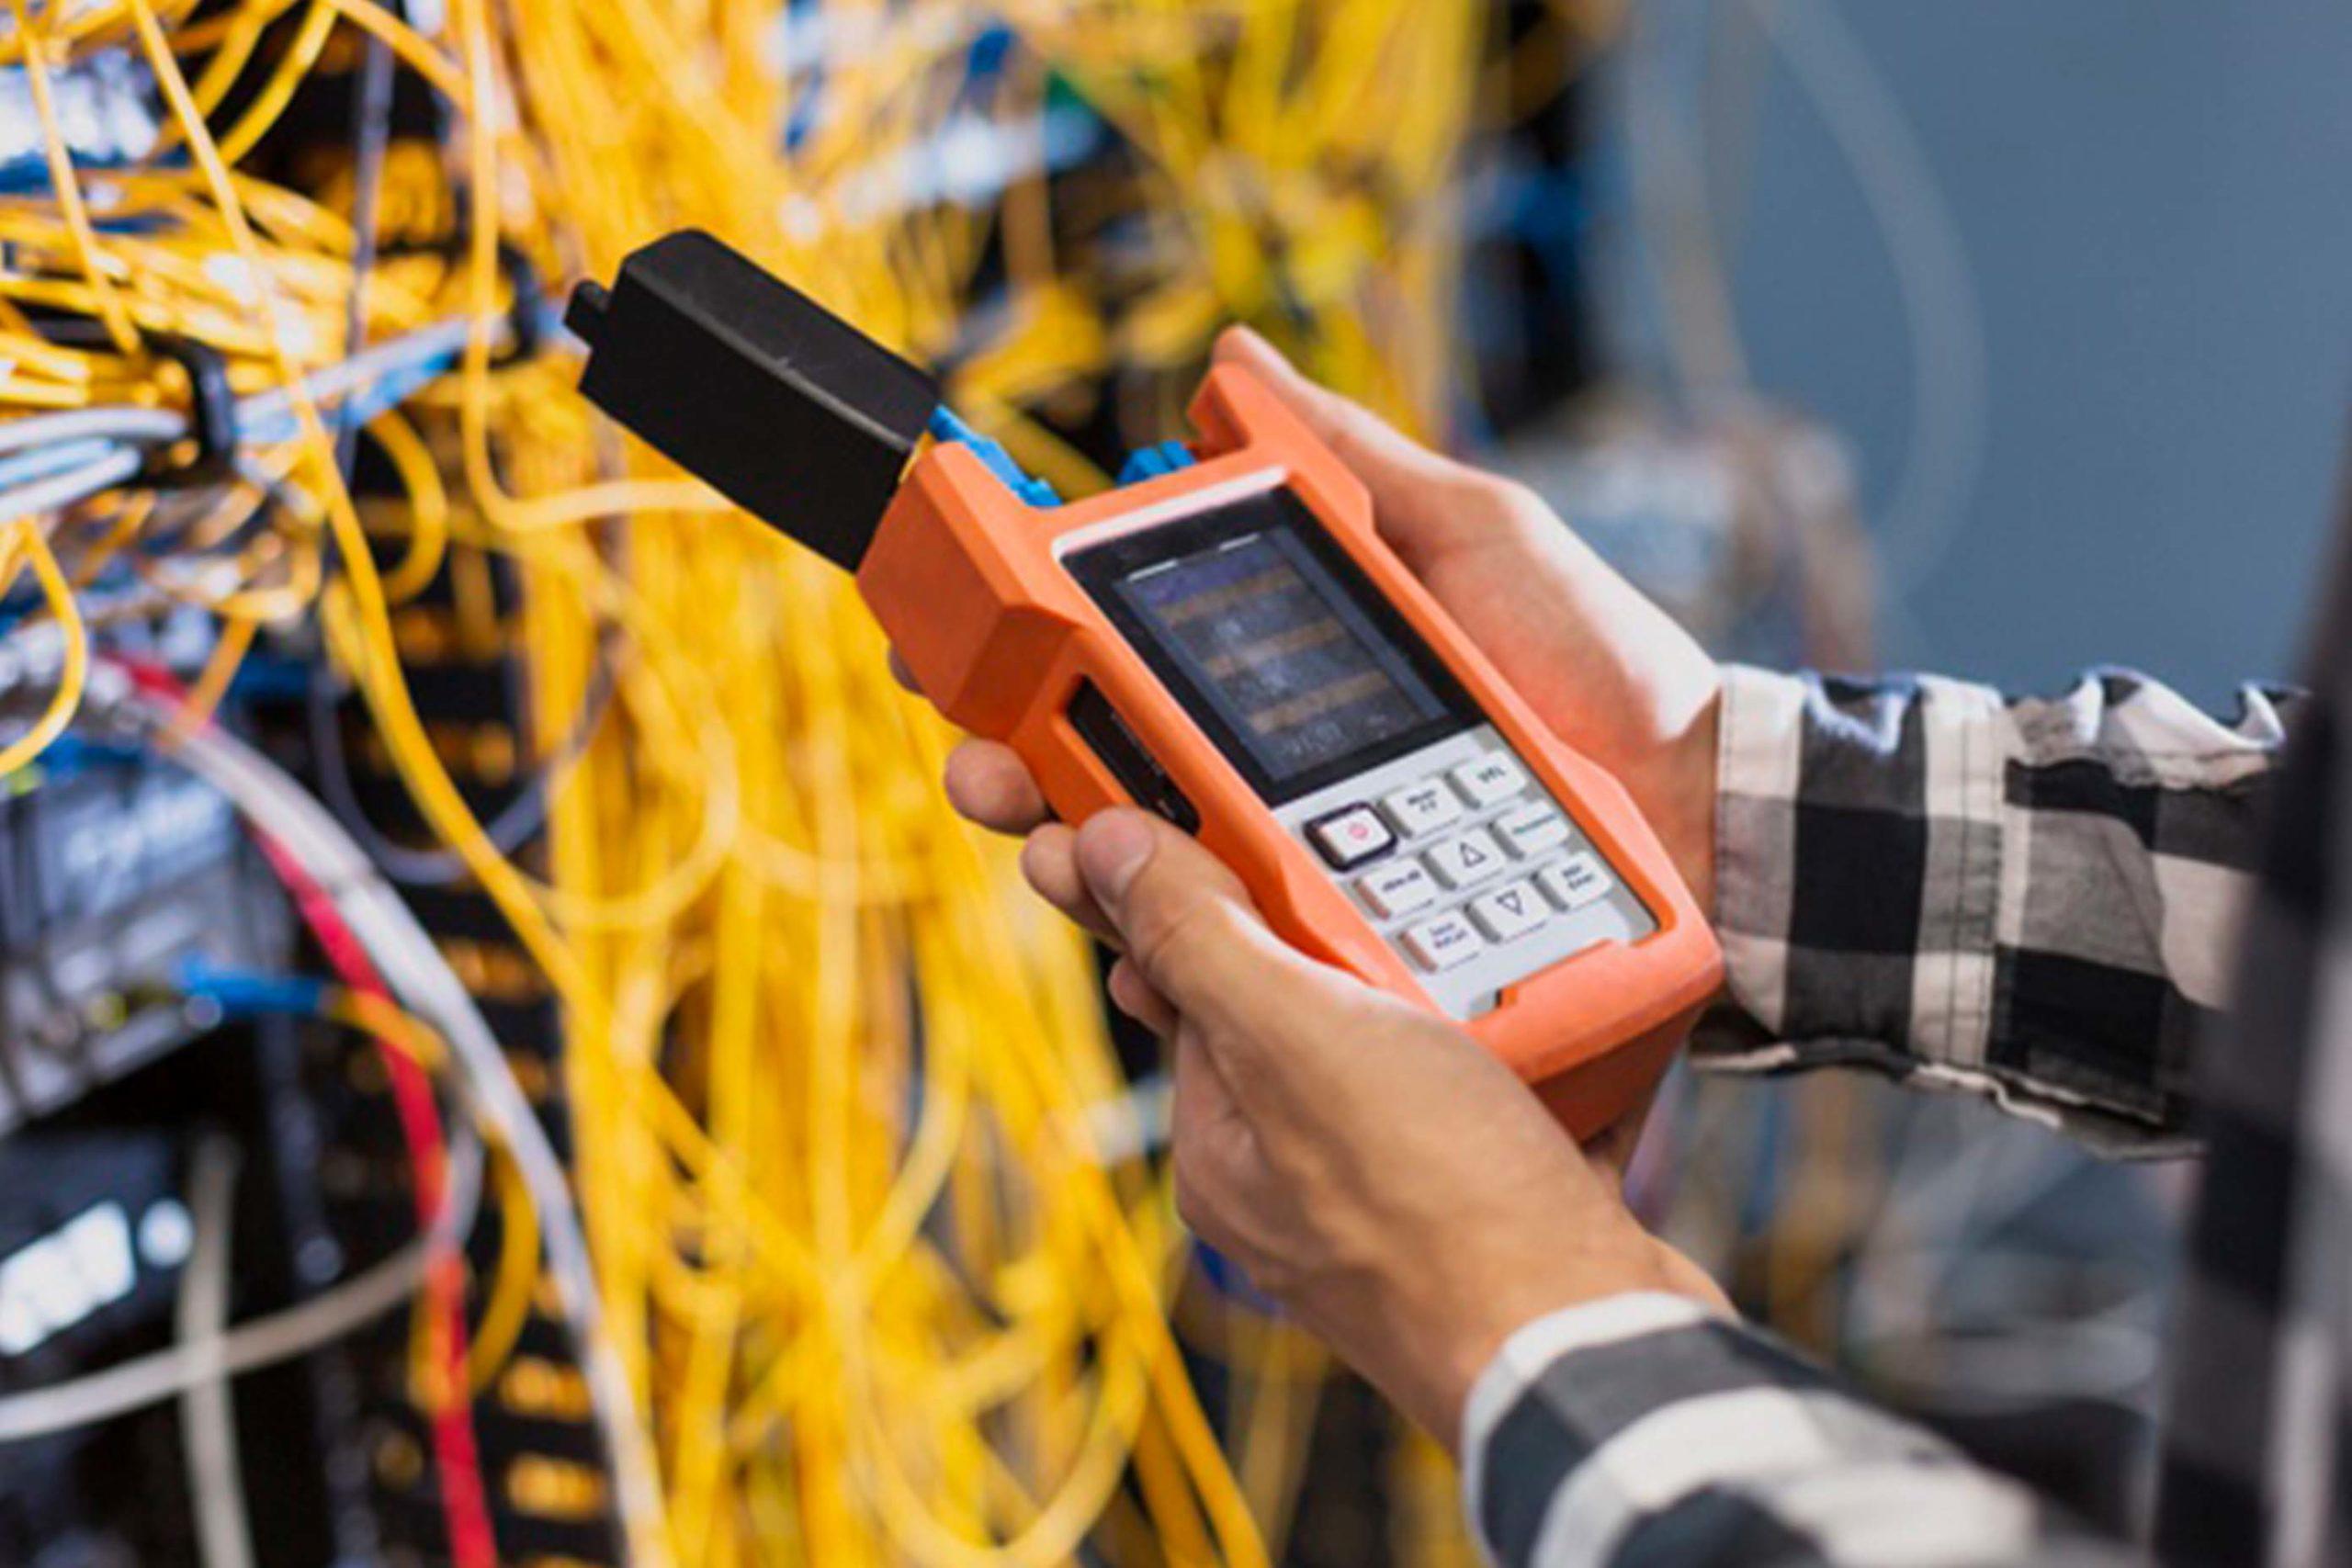 Нормы и правила работы в электроустановках. Безопасное ведение работ, связанных с технической эксплуатацией и обслуживанием электрического и электромеханического оборудования. Диагностика электрооборудования электроэнергетических систем